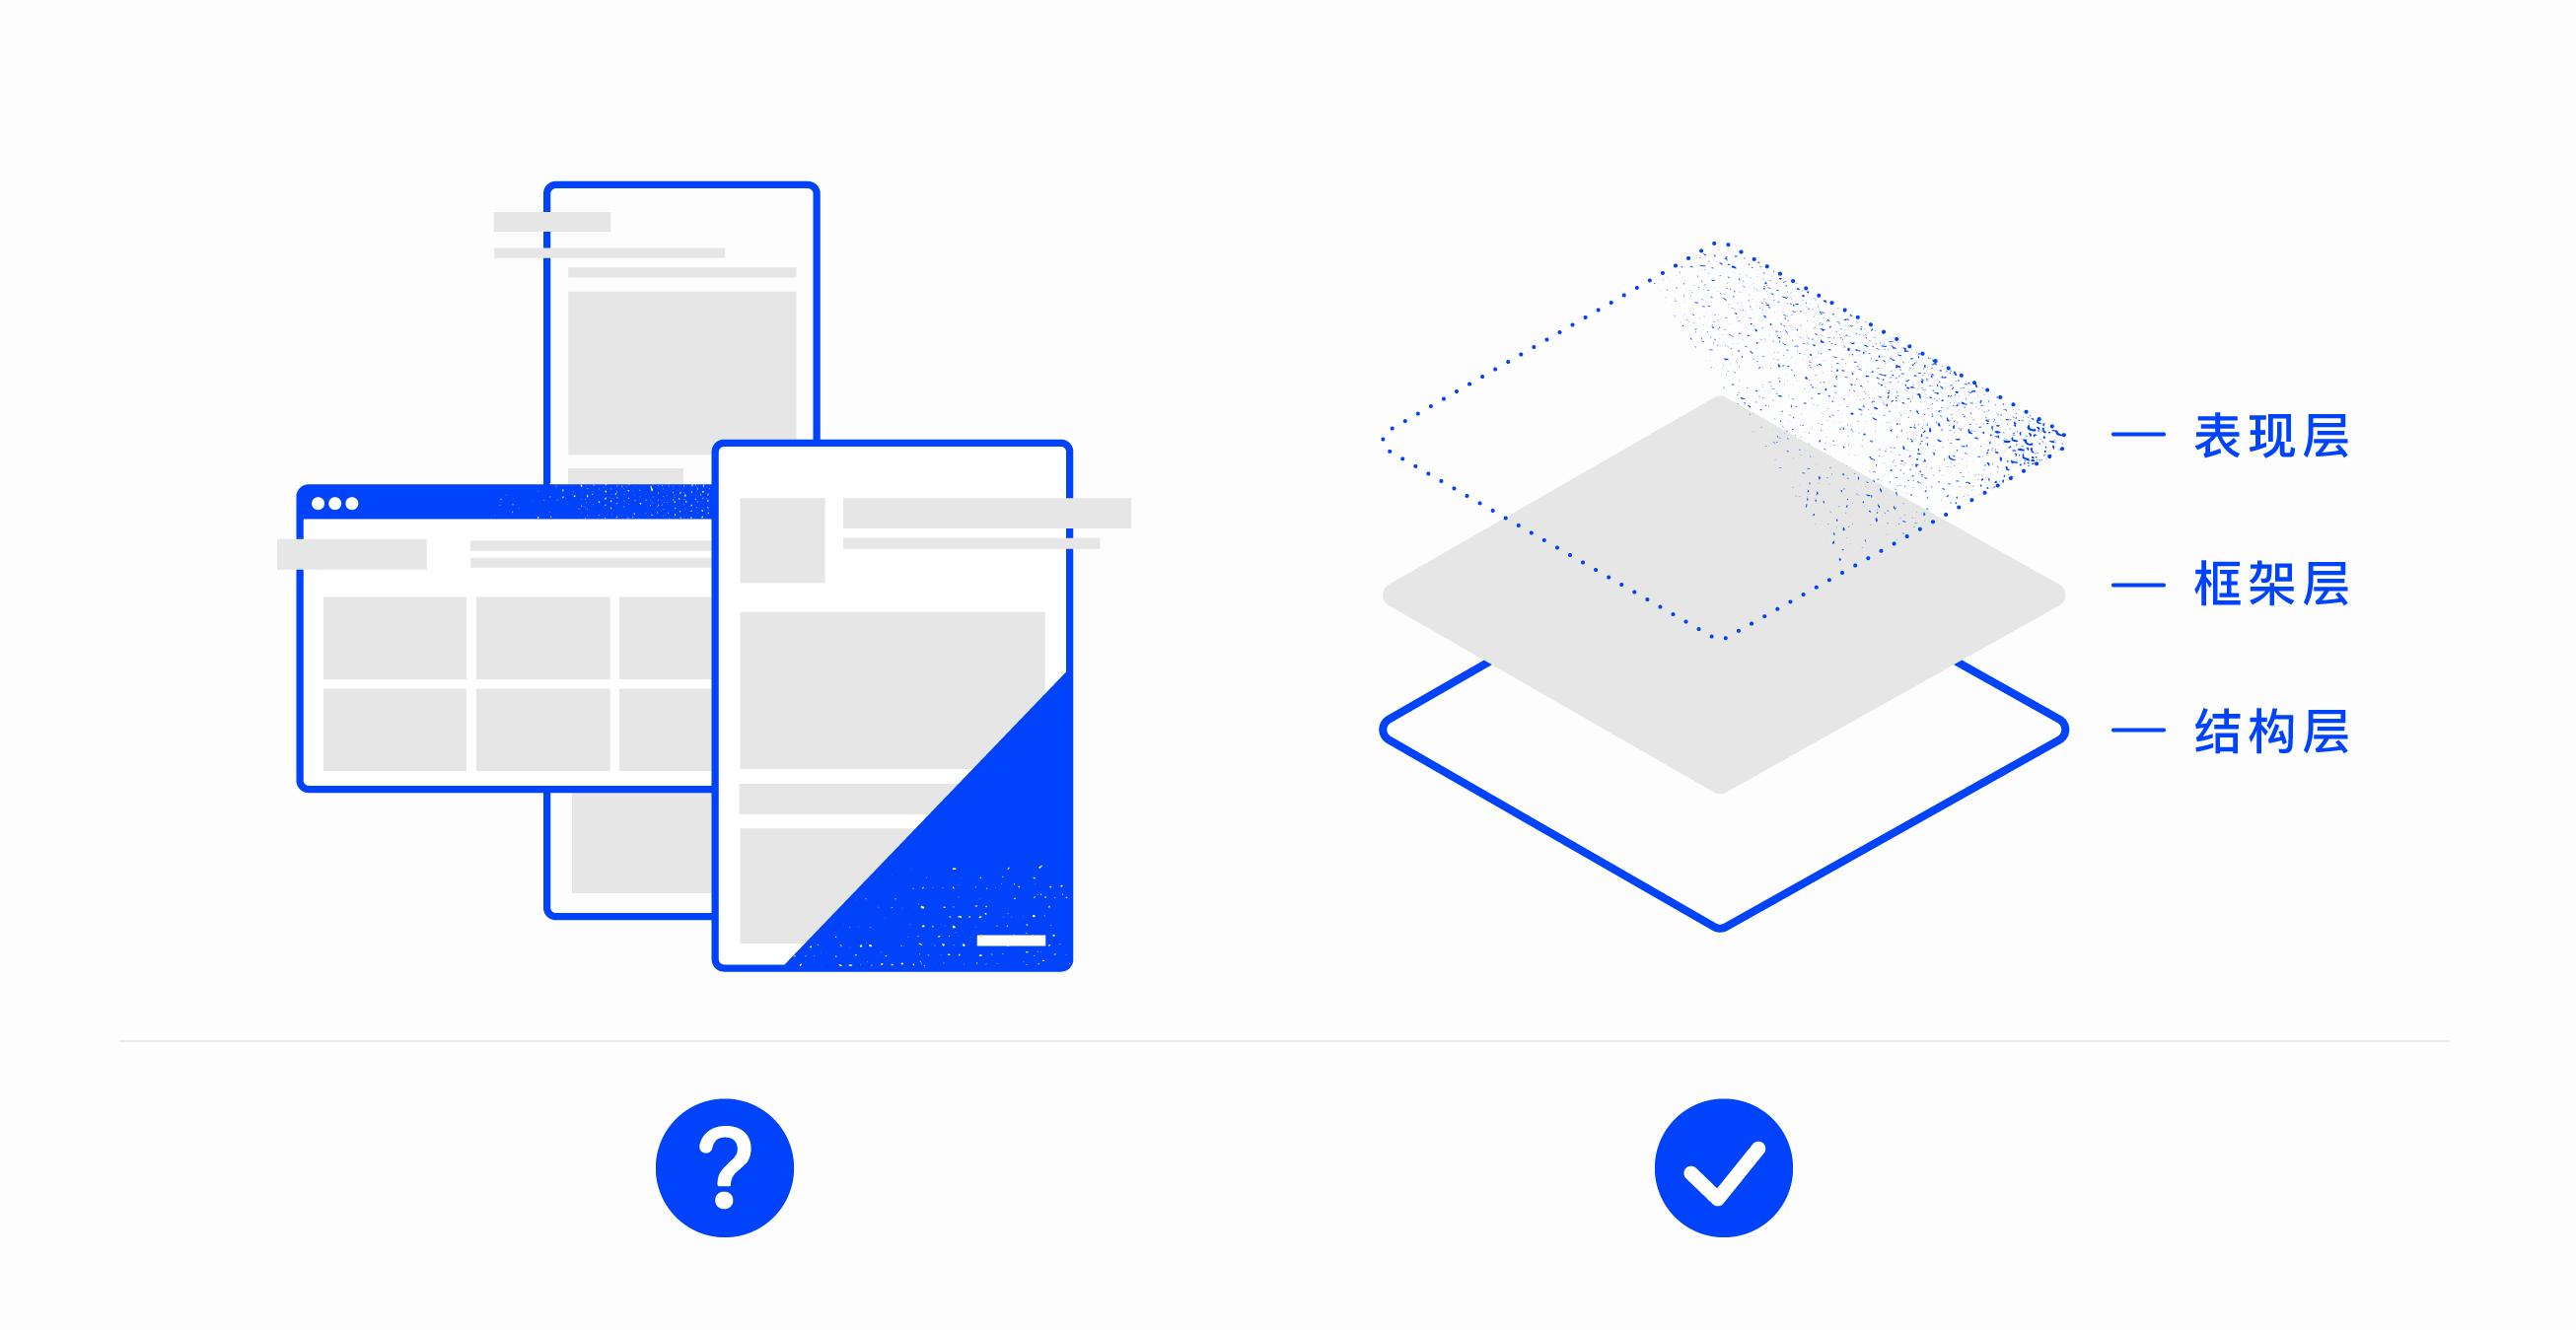 腾讯校招中,看看别人家的设计师是怎么做的插图(4)